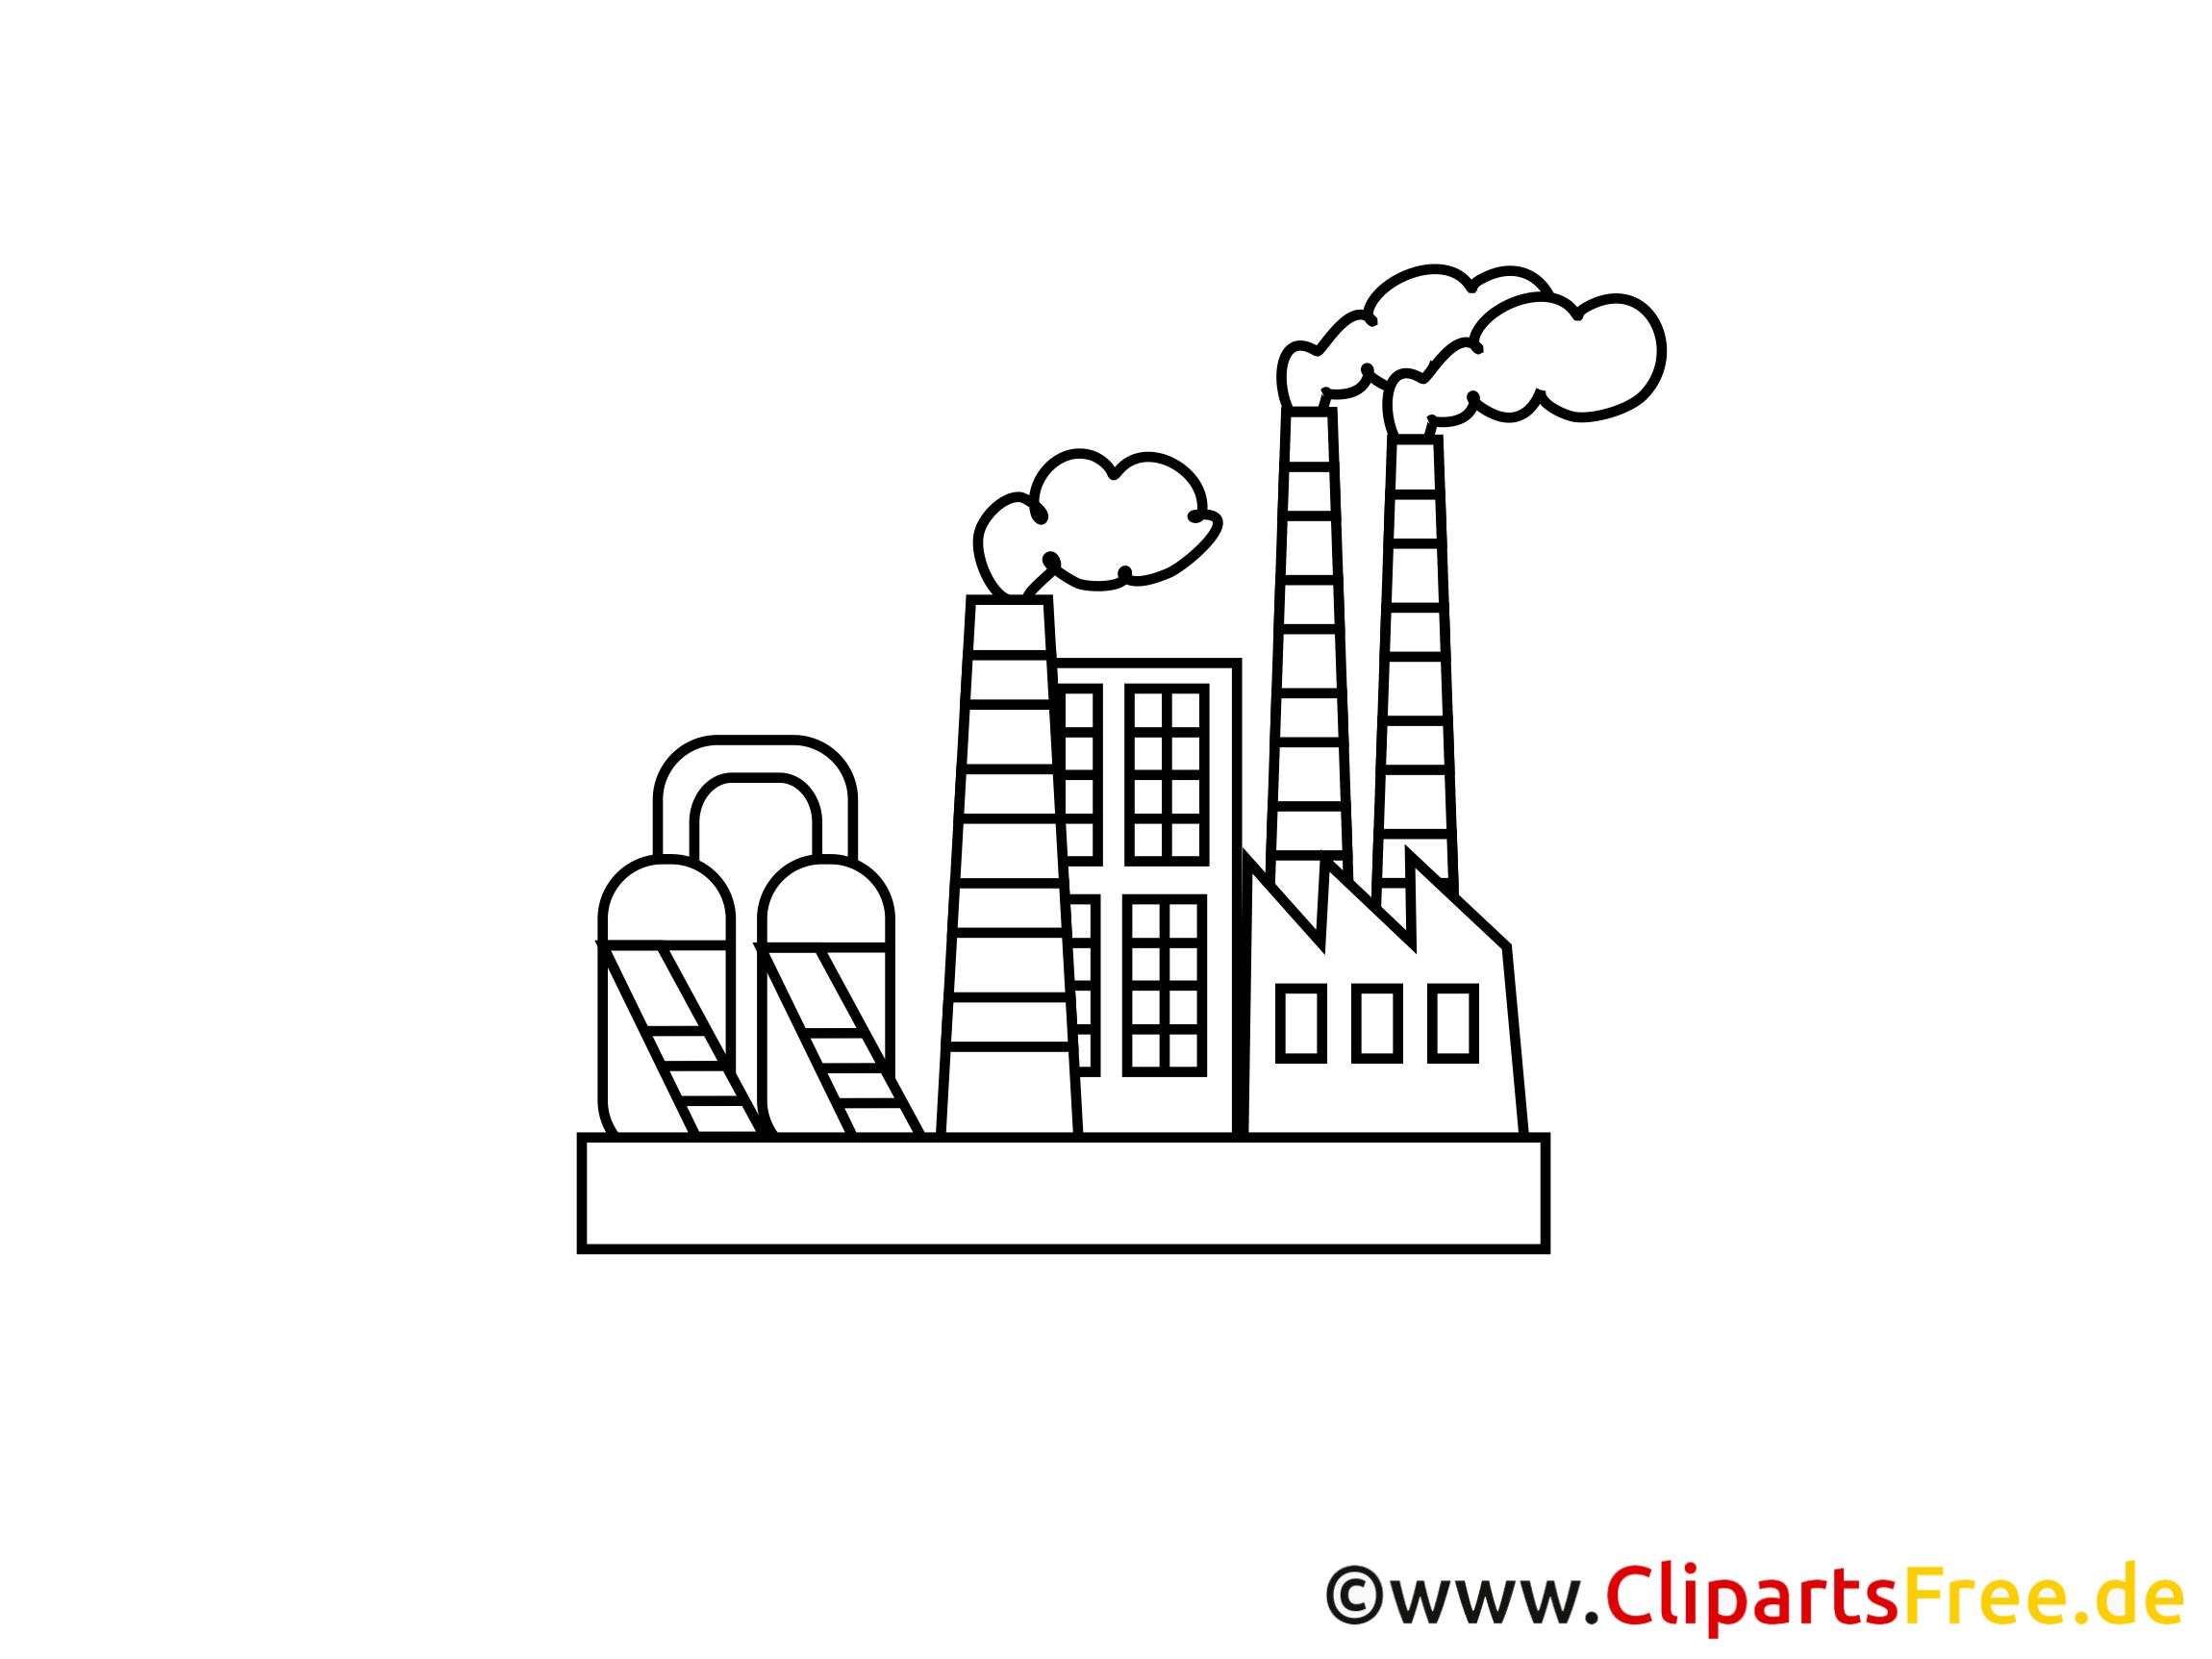 Usine Clip Art A Imprimer Industrie Gratuite Industrie Banque I Images Dessin Picture Image Graphic Clip Art Telecharger Gratuit